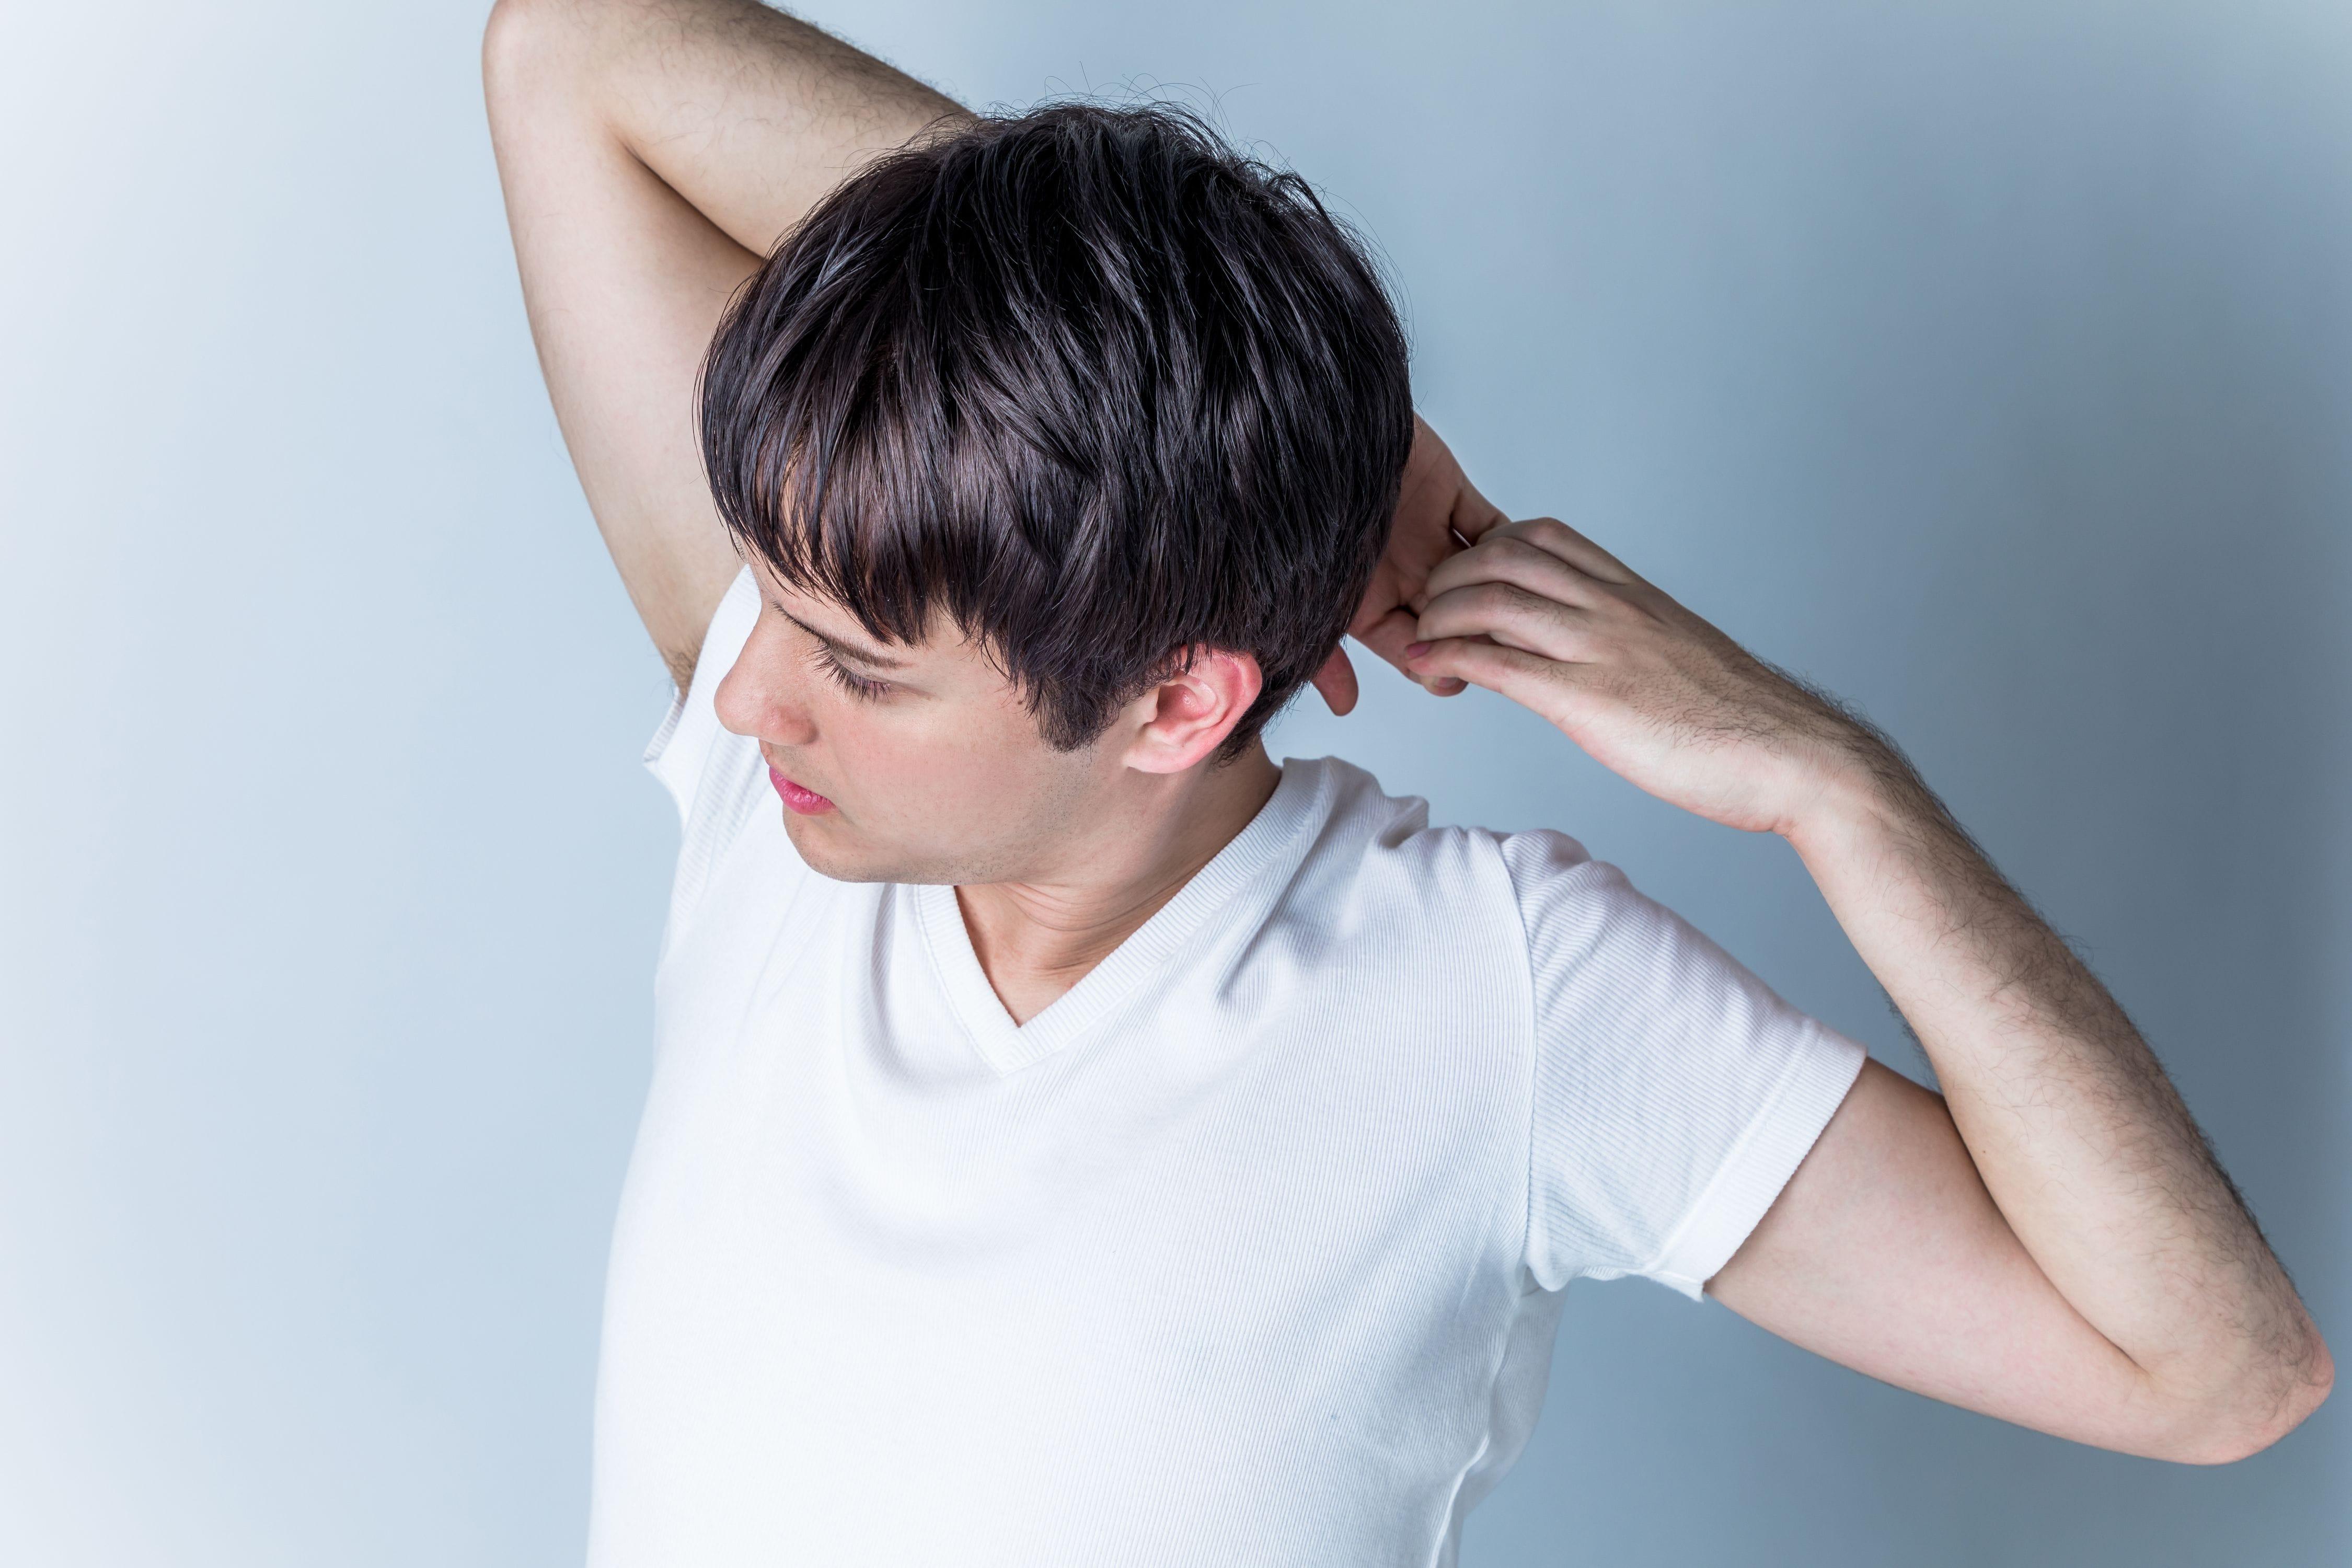 男性が頭の後ろで両指を掴みストレッチをしながら適度な運動